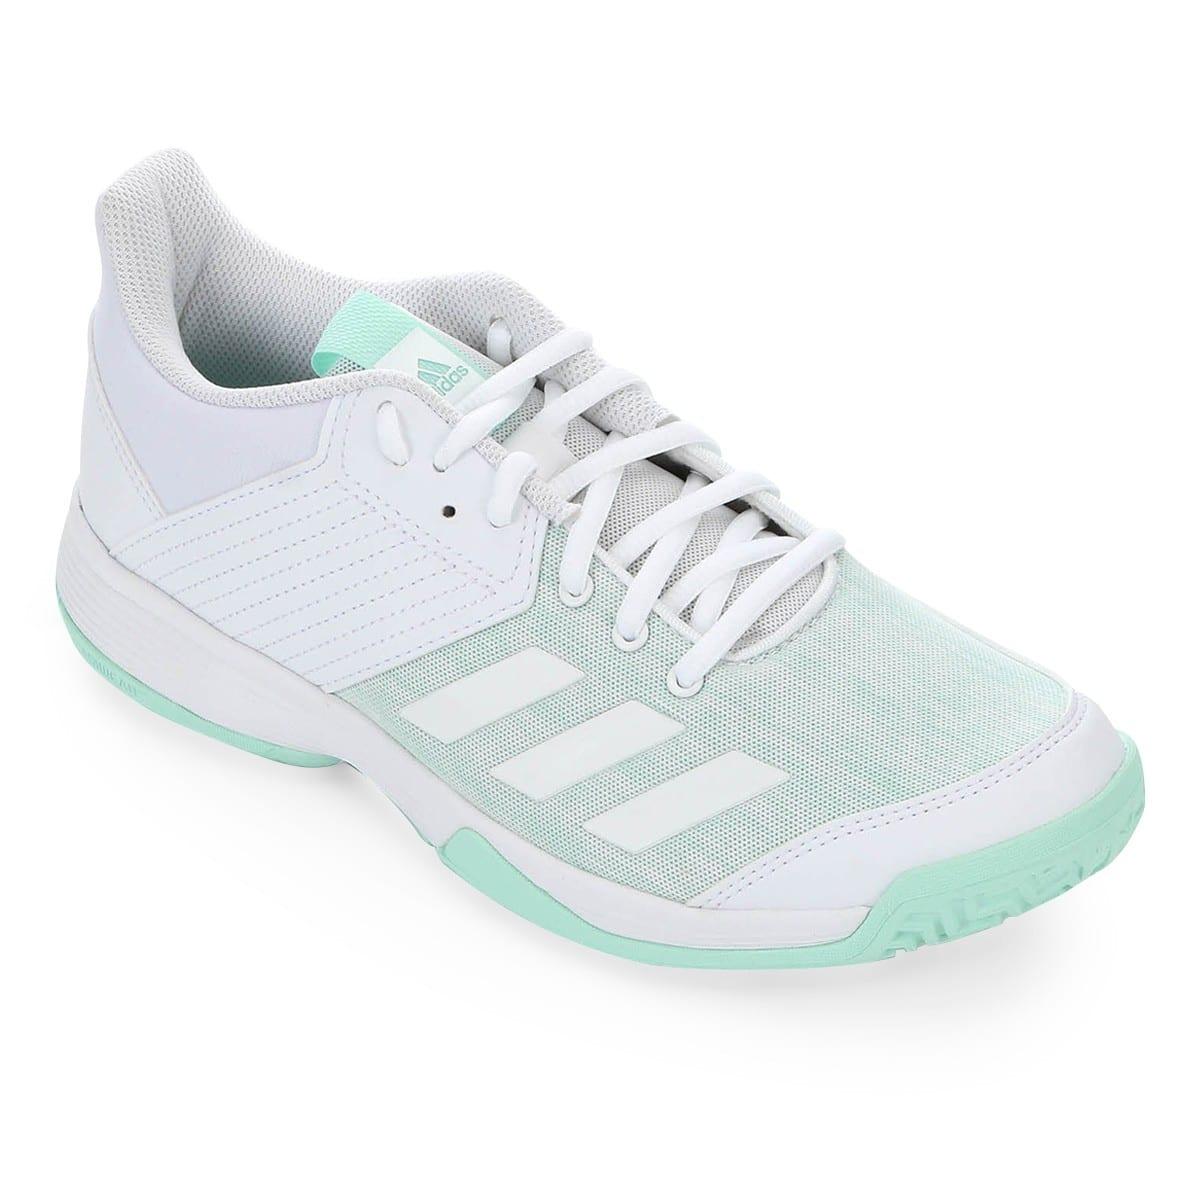 Tênis Adidas Ligra